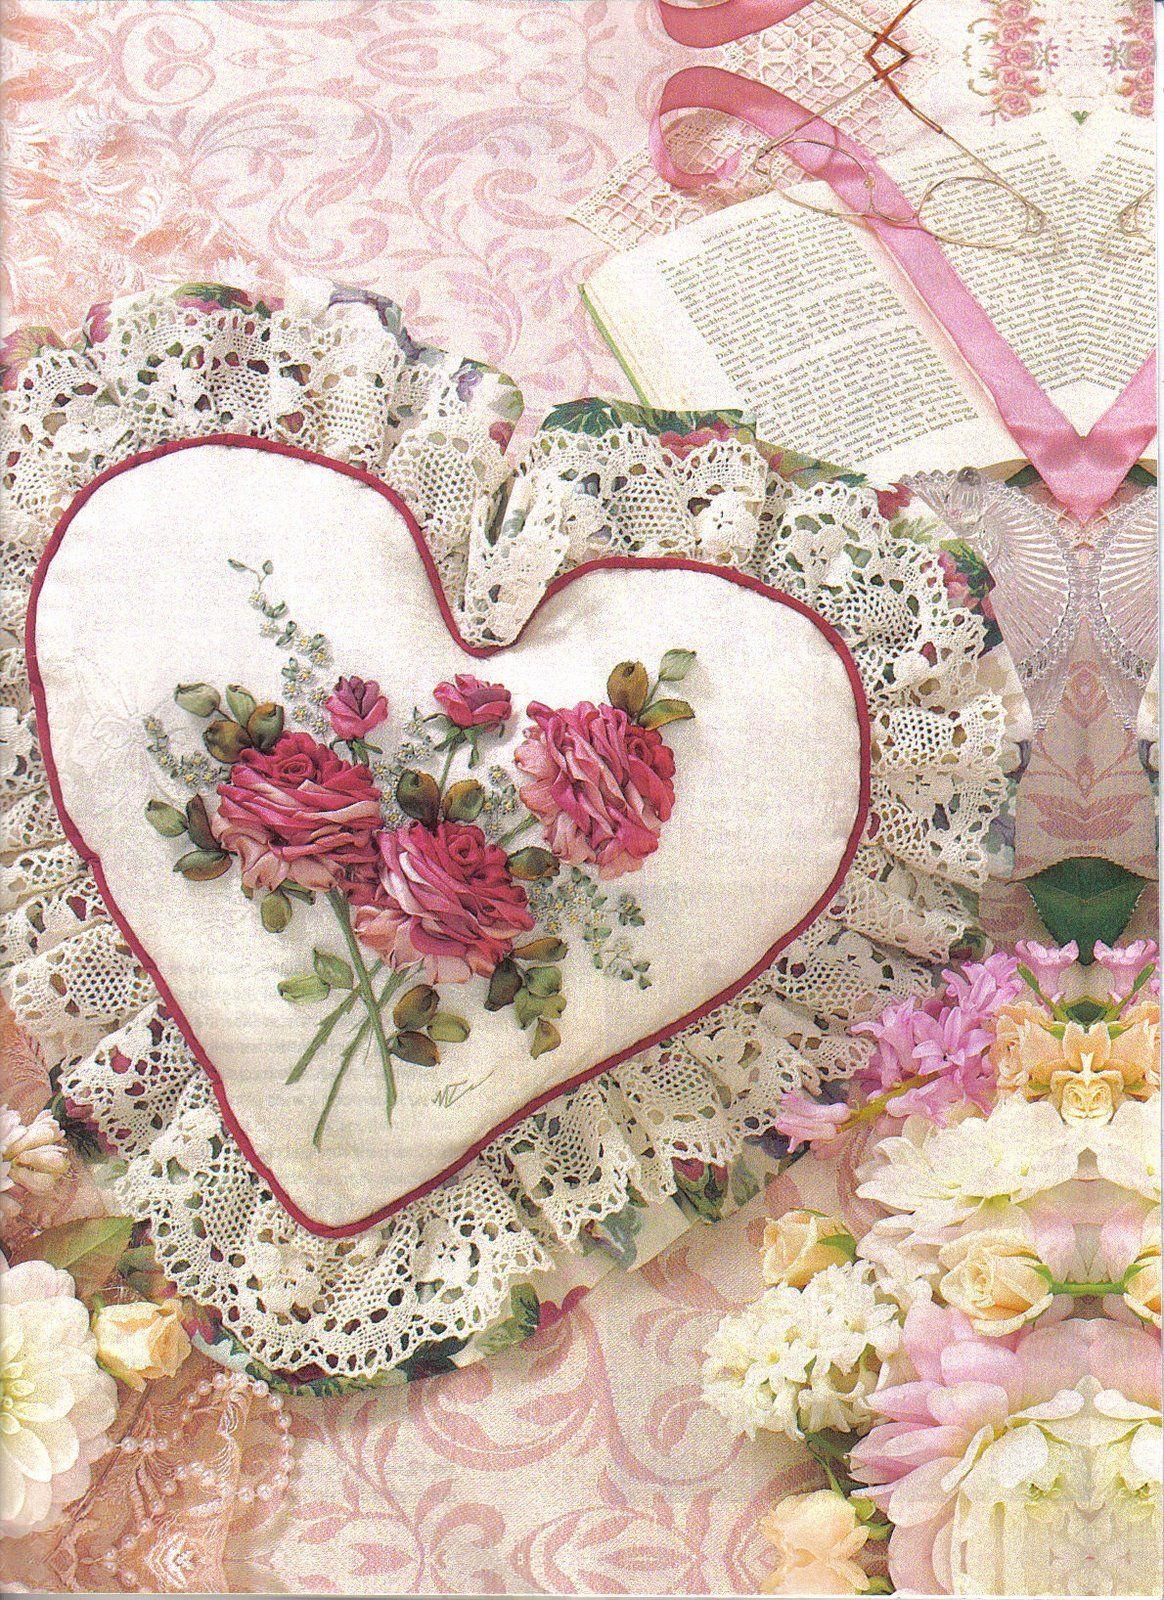 Ribbon embroidery bedspread designs - Bordados Con Cintas Toallas Manteles Cojines Para Luisa Ribbon Rosesilk Ribbonribbon Embroideryembroidery Patternsheart